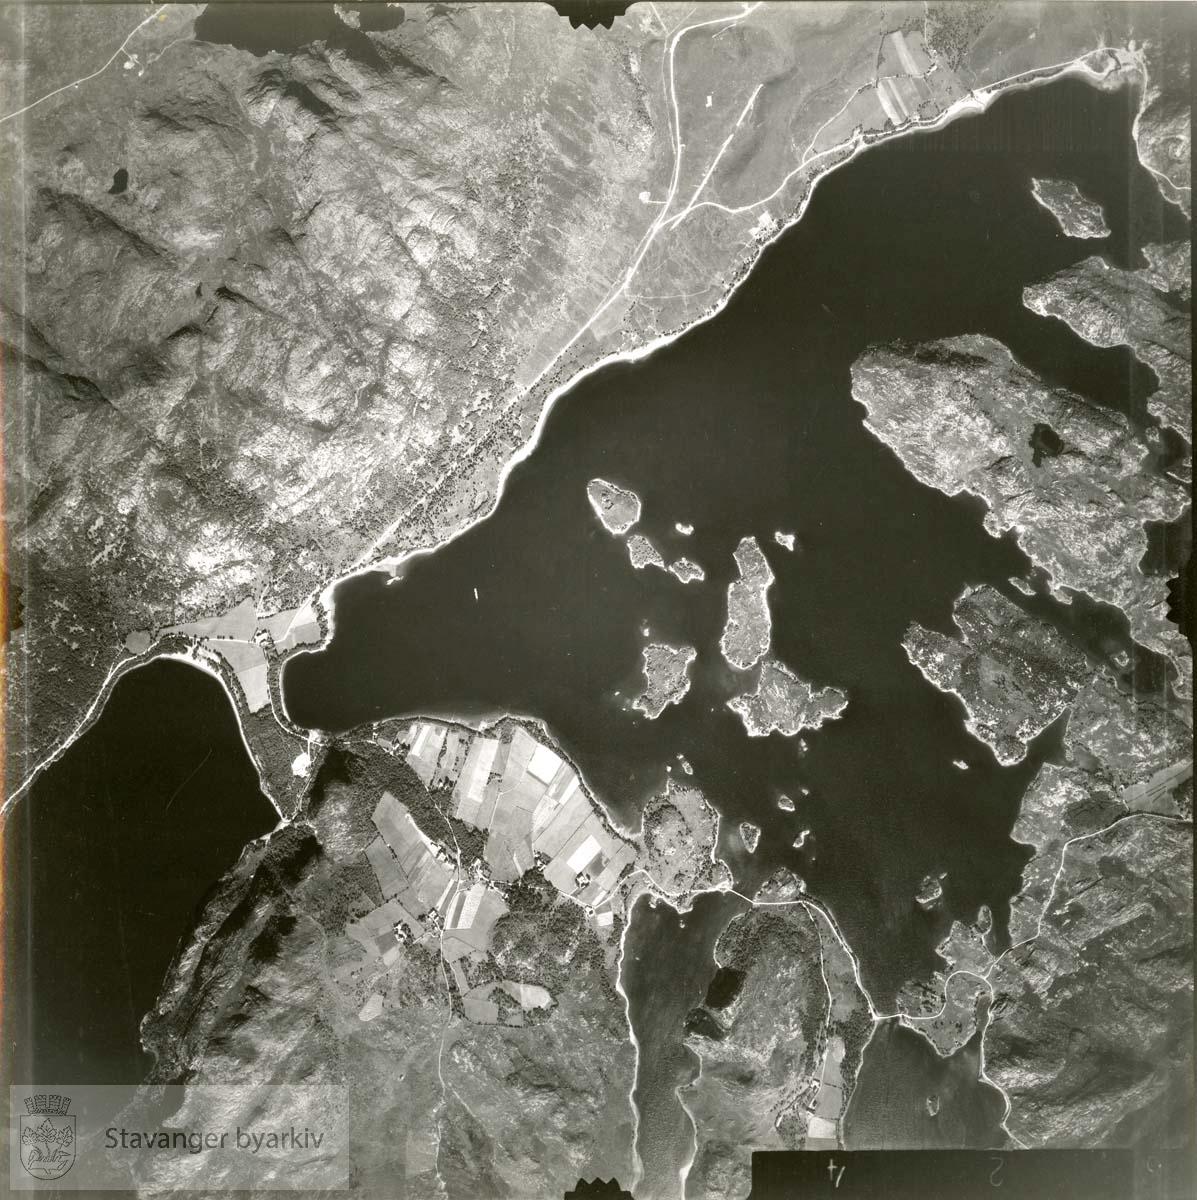 Jfr. kart/fotoplan H15..Dybingen, Lutsivatnet, Lutsifjellet..Se ByStW_Uca_002 (kan lastes ned under fanen for kart på Stavangerbilder)